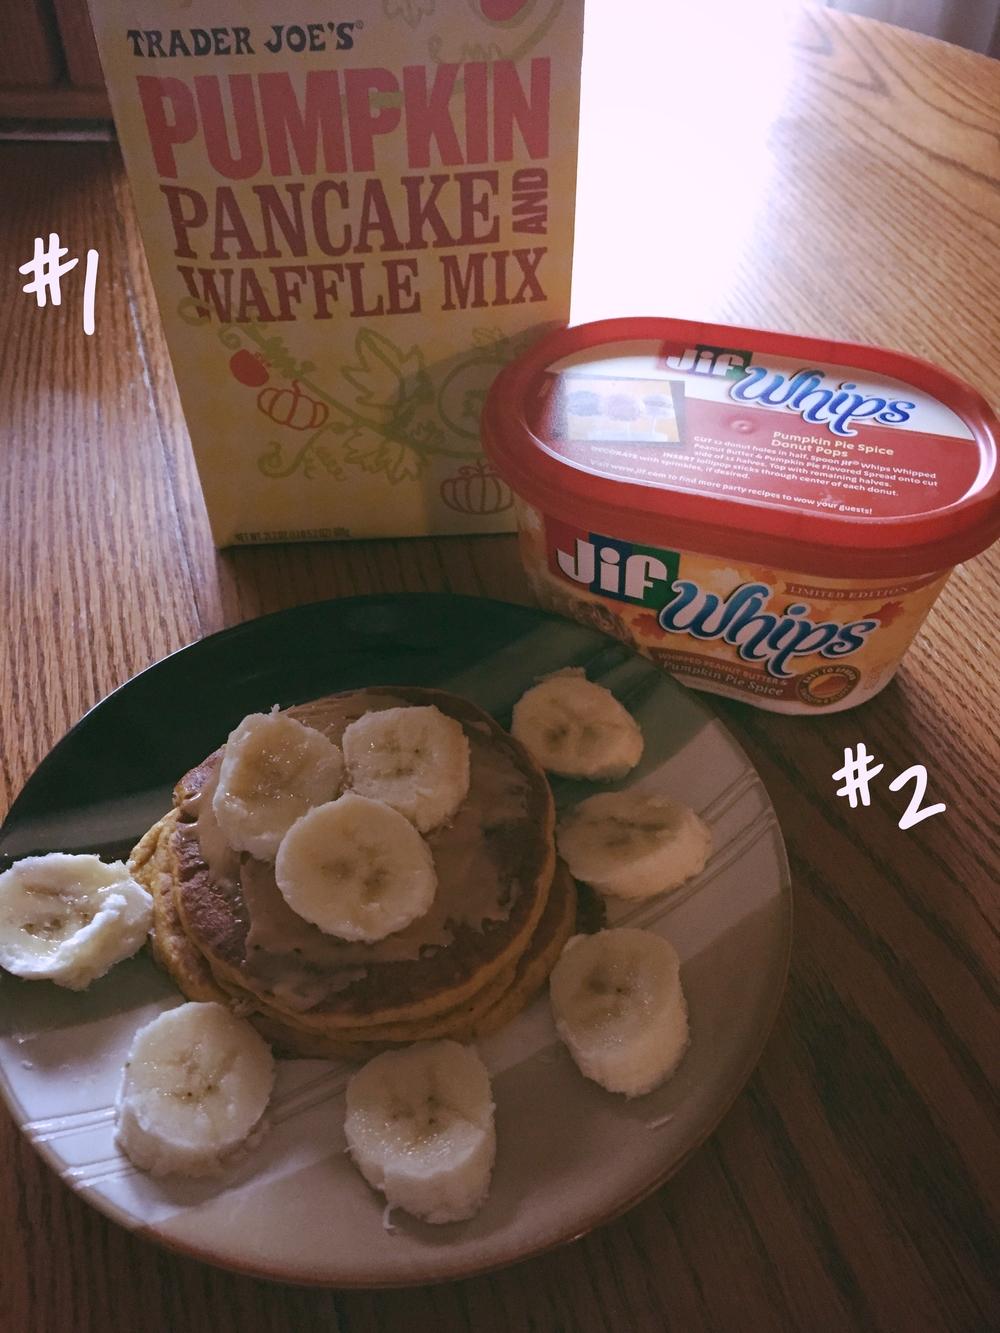 Trader Joe's Pumpkin Pancake & Waffle Mix + JIF Whips Pumpkin Spice Peanut Butter